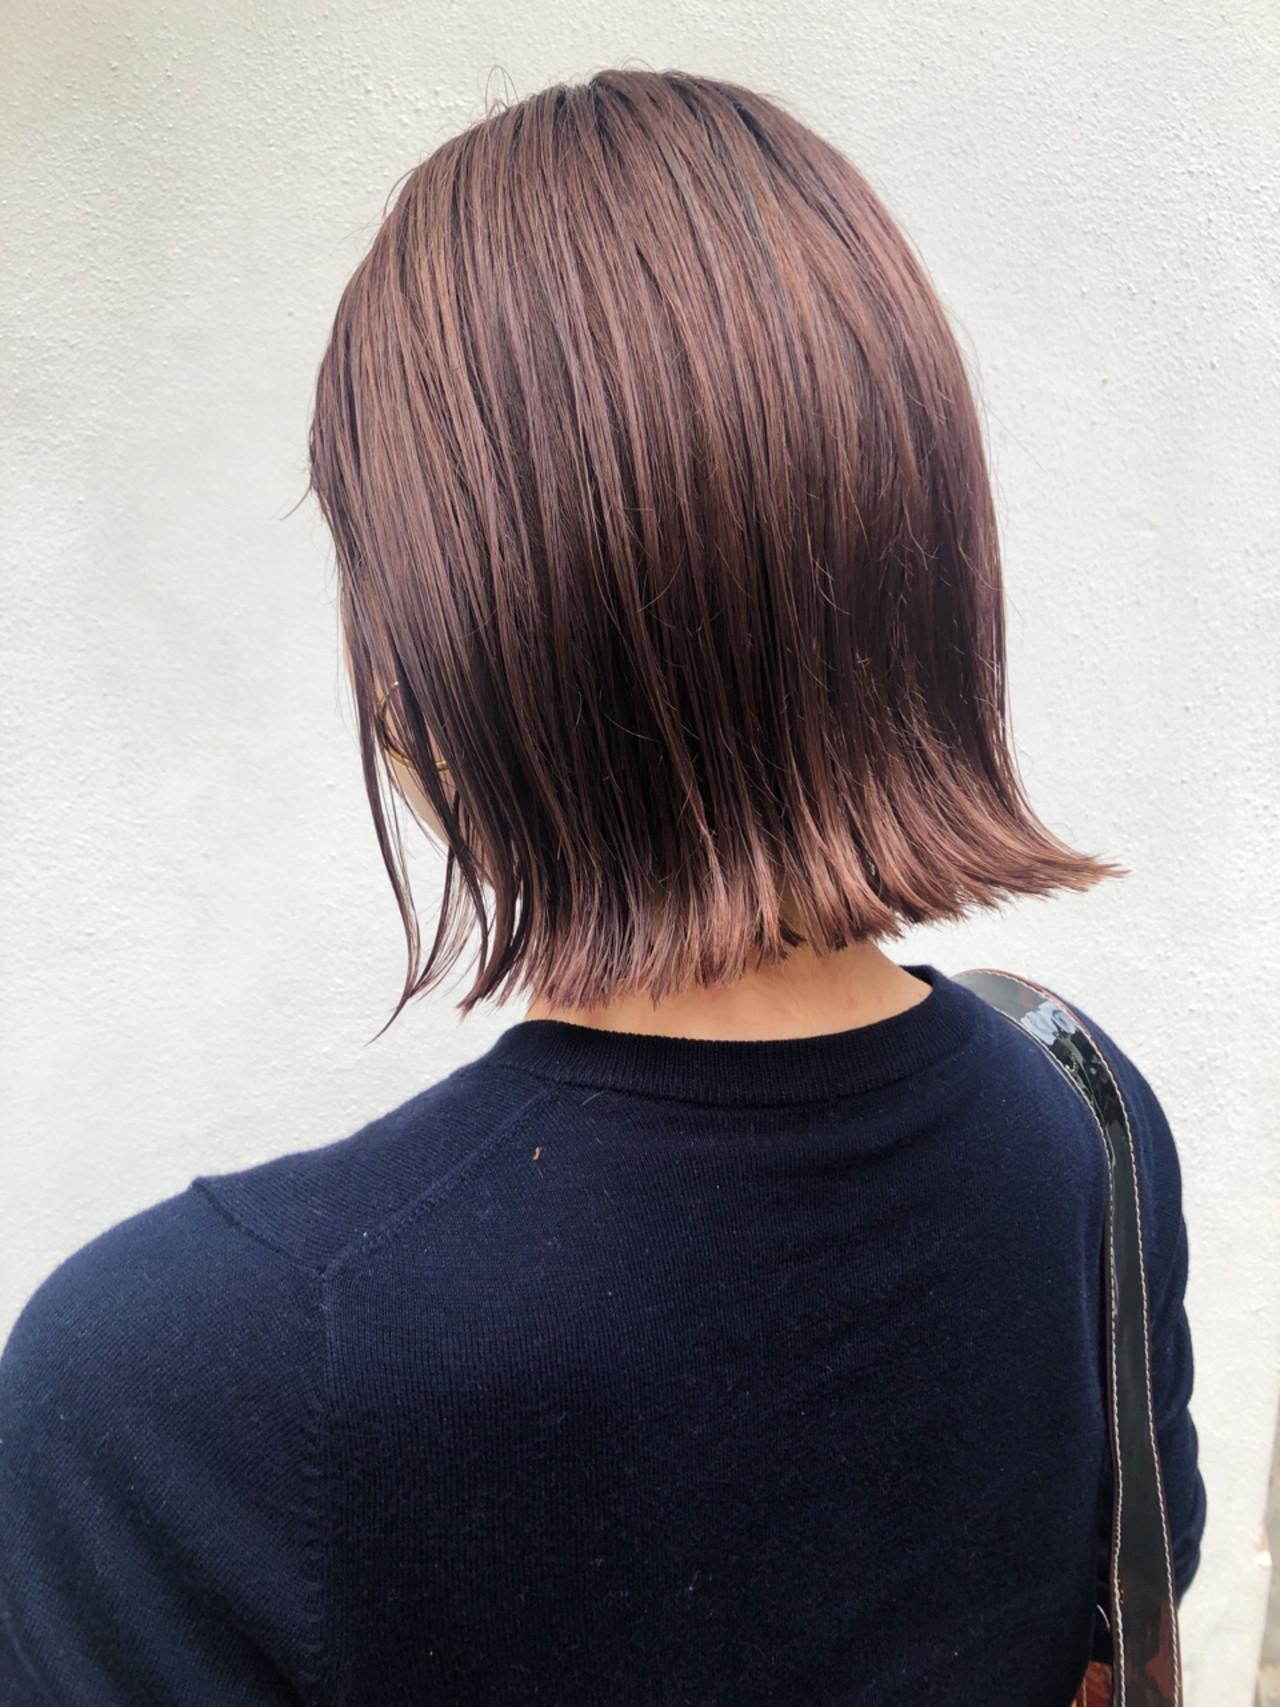 ガーリー アンニュイほつれヘア 透明感 ボブ ヘアスタイルや髪型の写真・画像   サカイアカネ / EMANON freelance